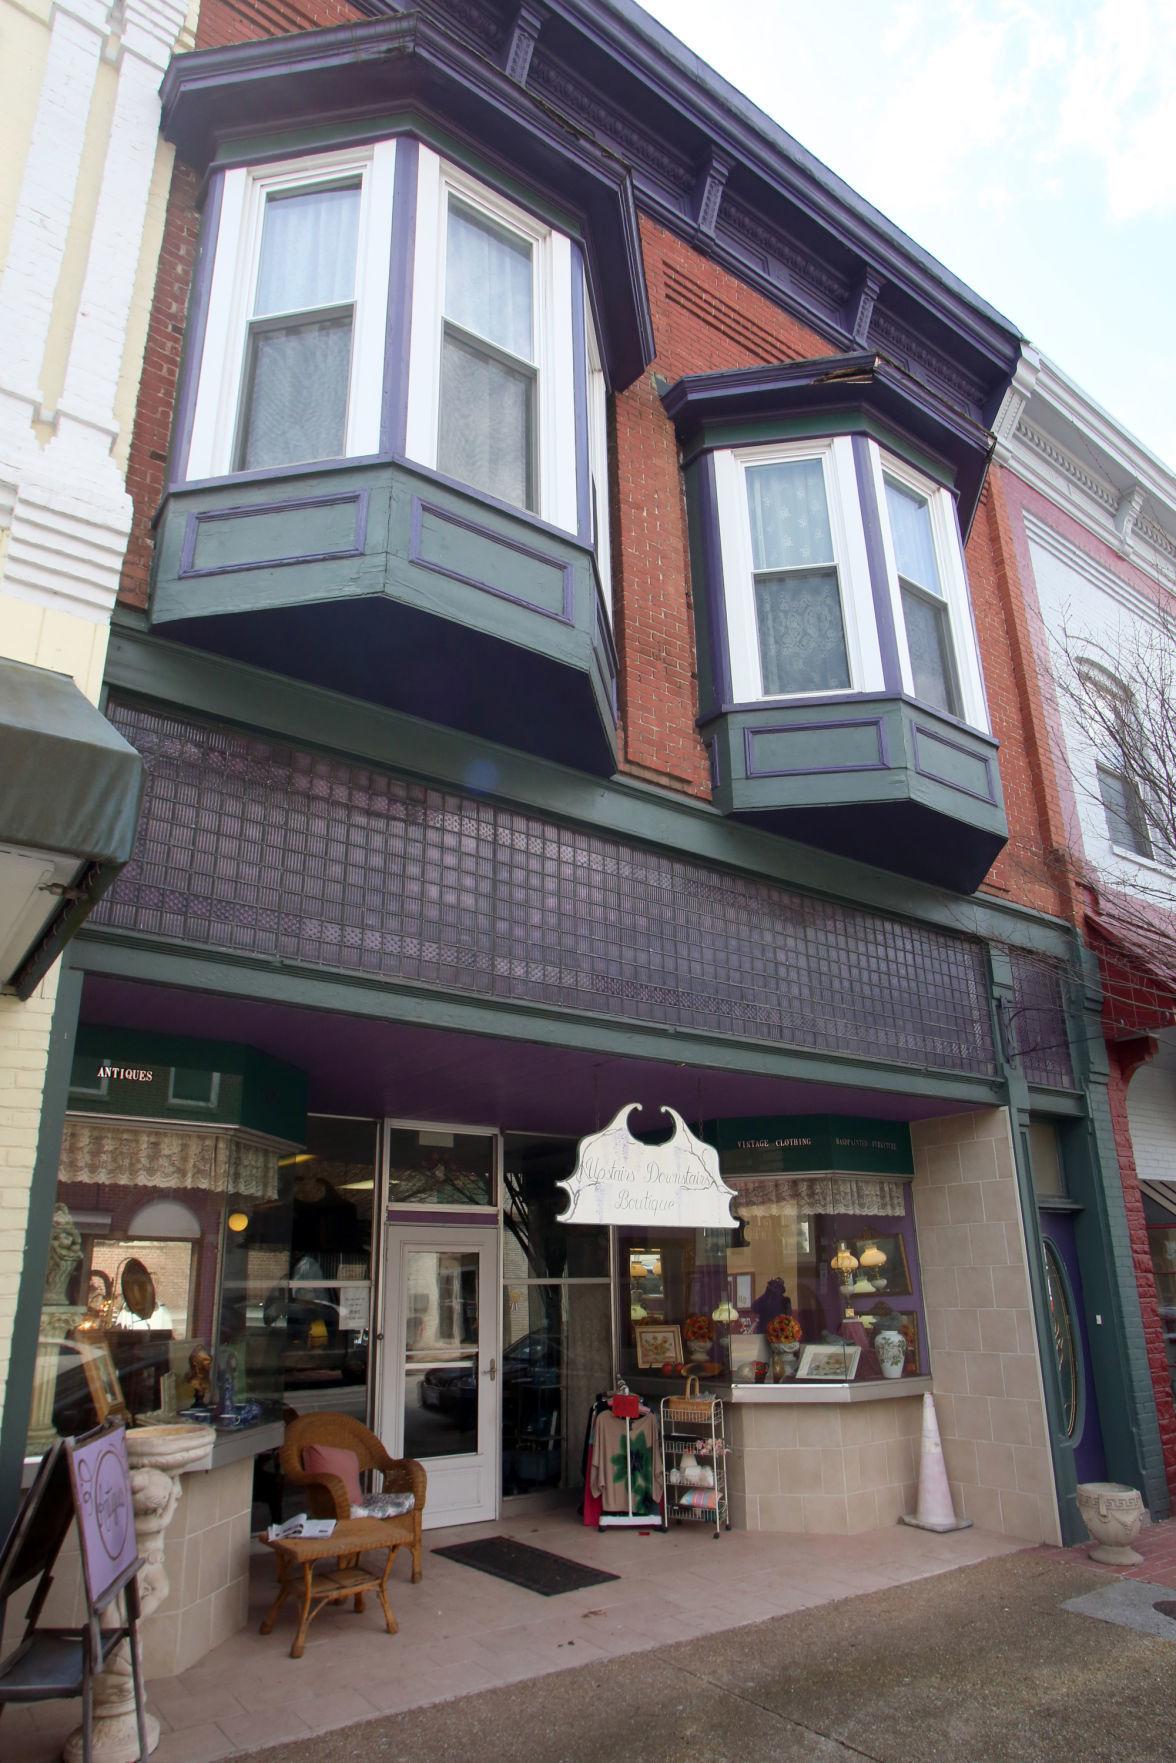 29+ Ups Store Roanoke Va  Wallpapers